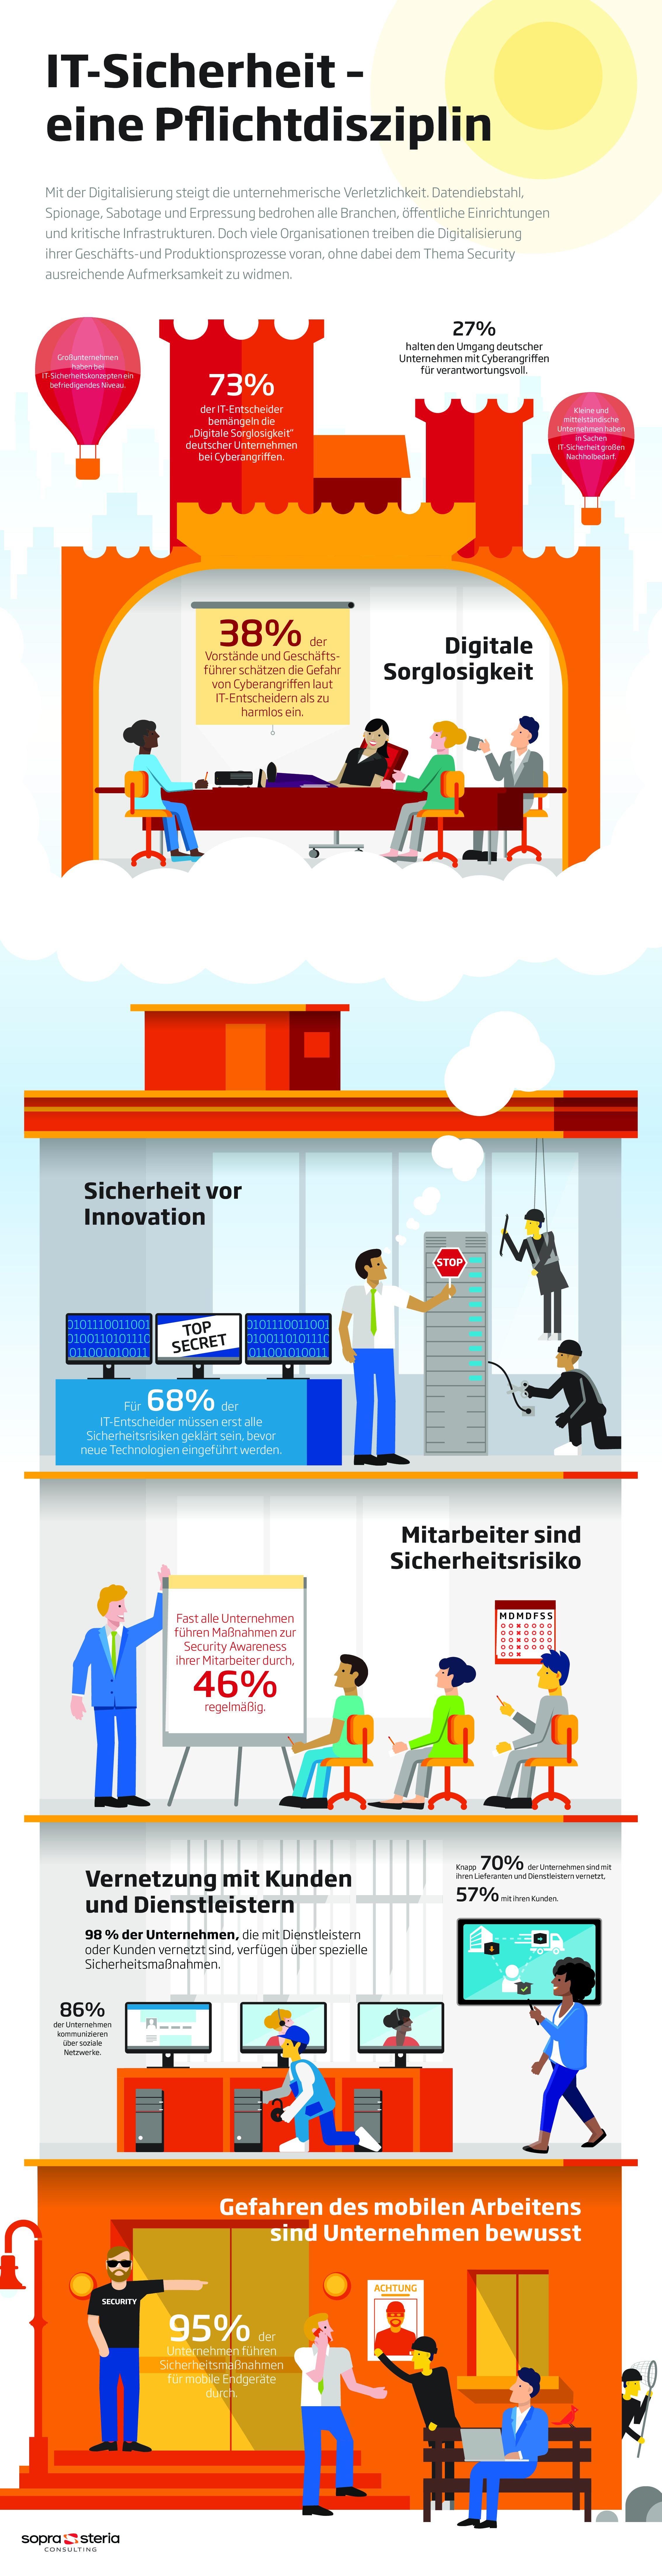 Digitalisierung mit Risiken